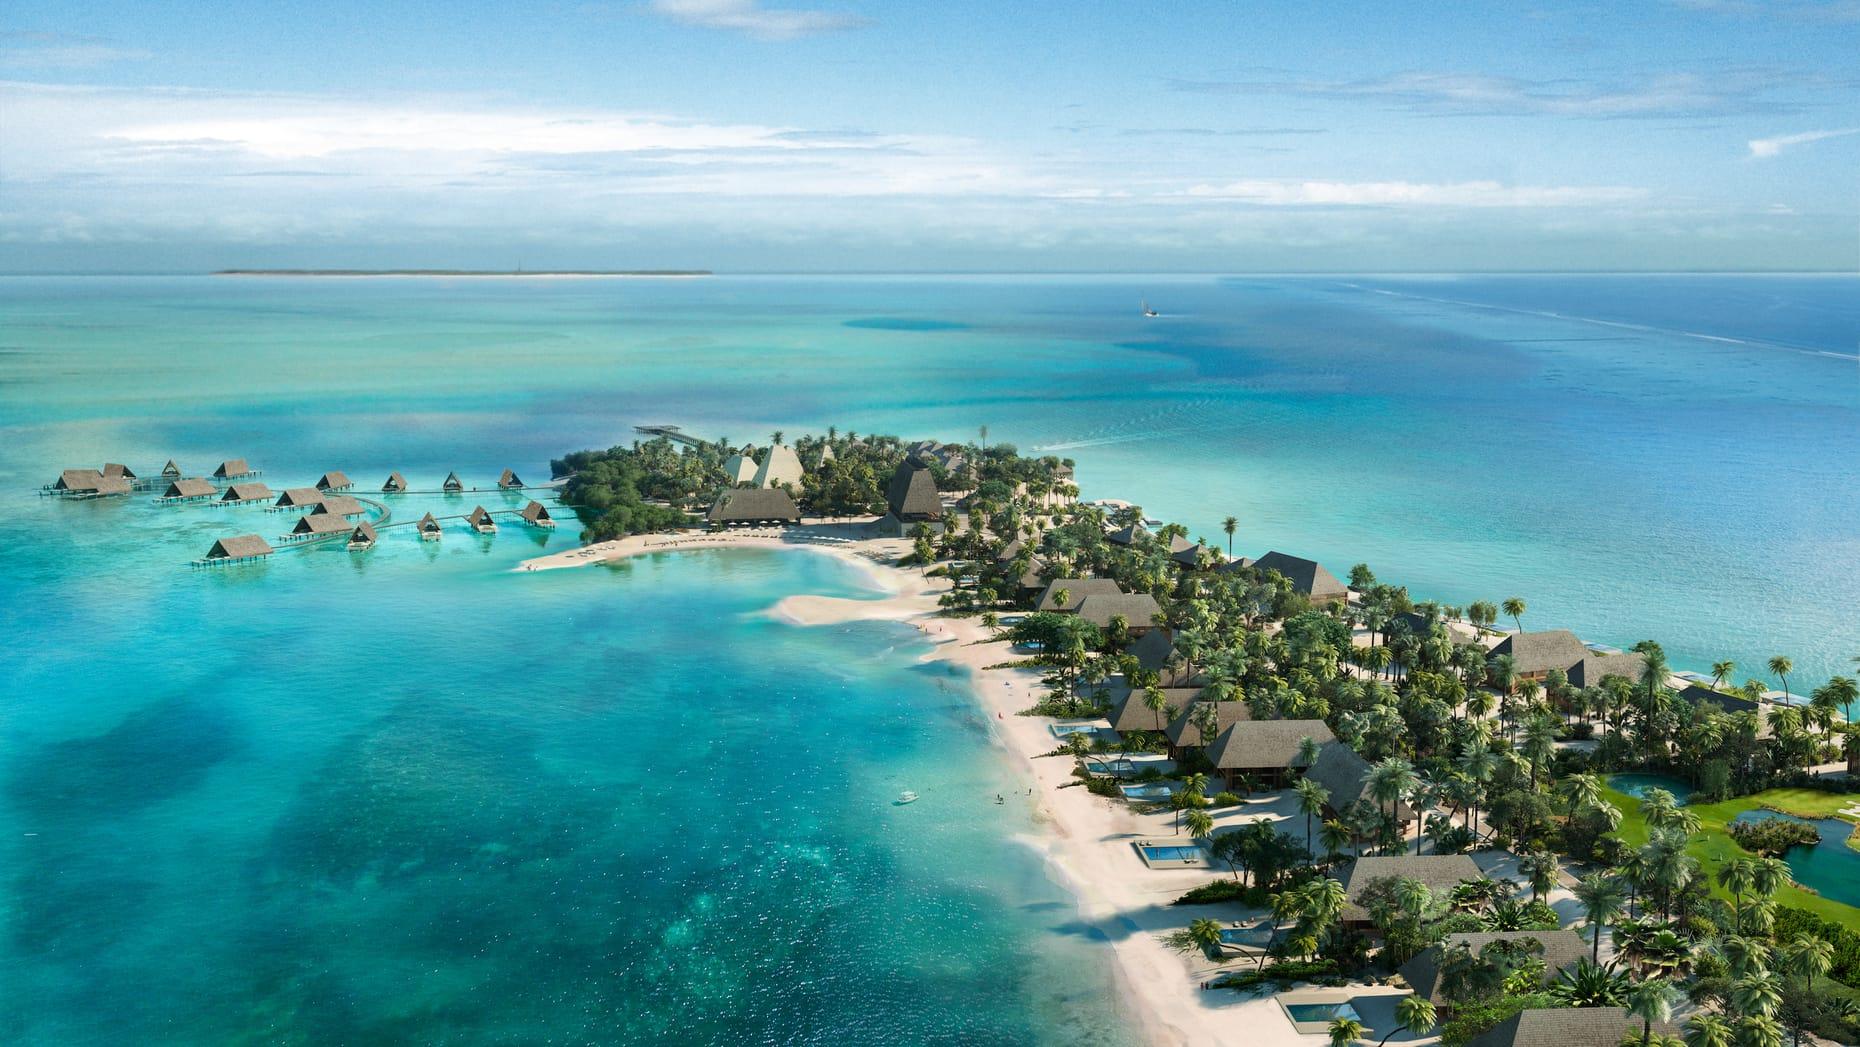 Belize: The Un-Caribbean